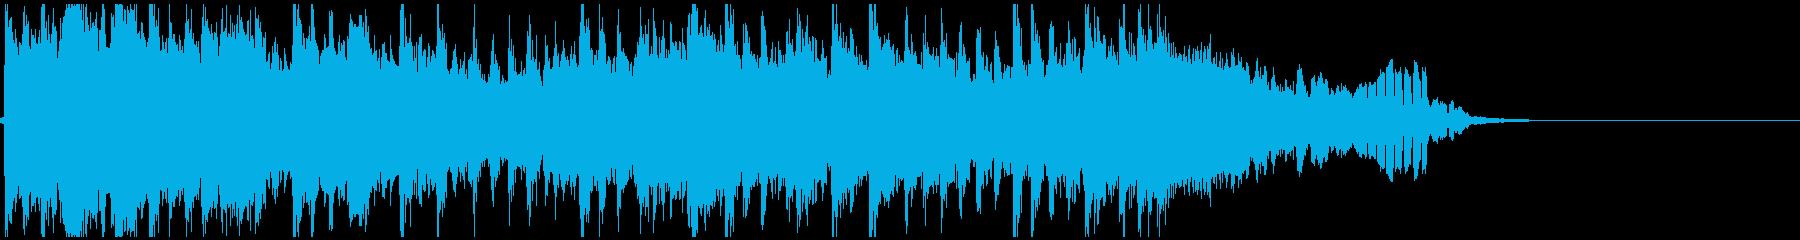 篠笛と琴の和風ドラムンベースジングルの再生済みの波形